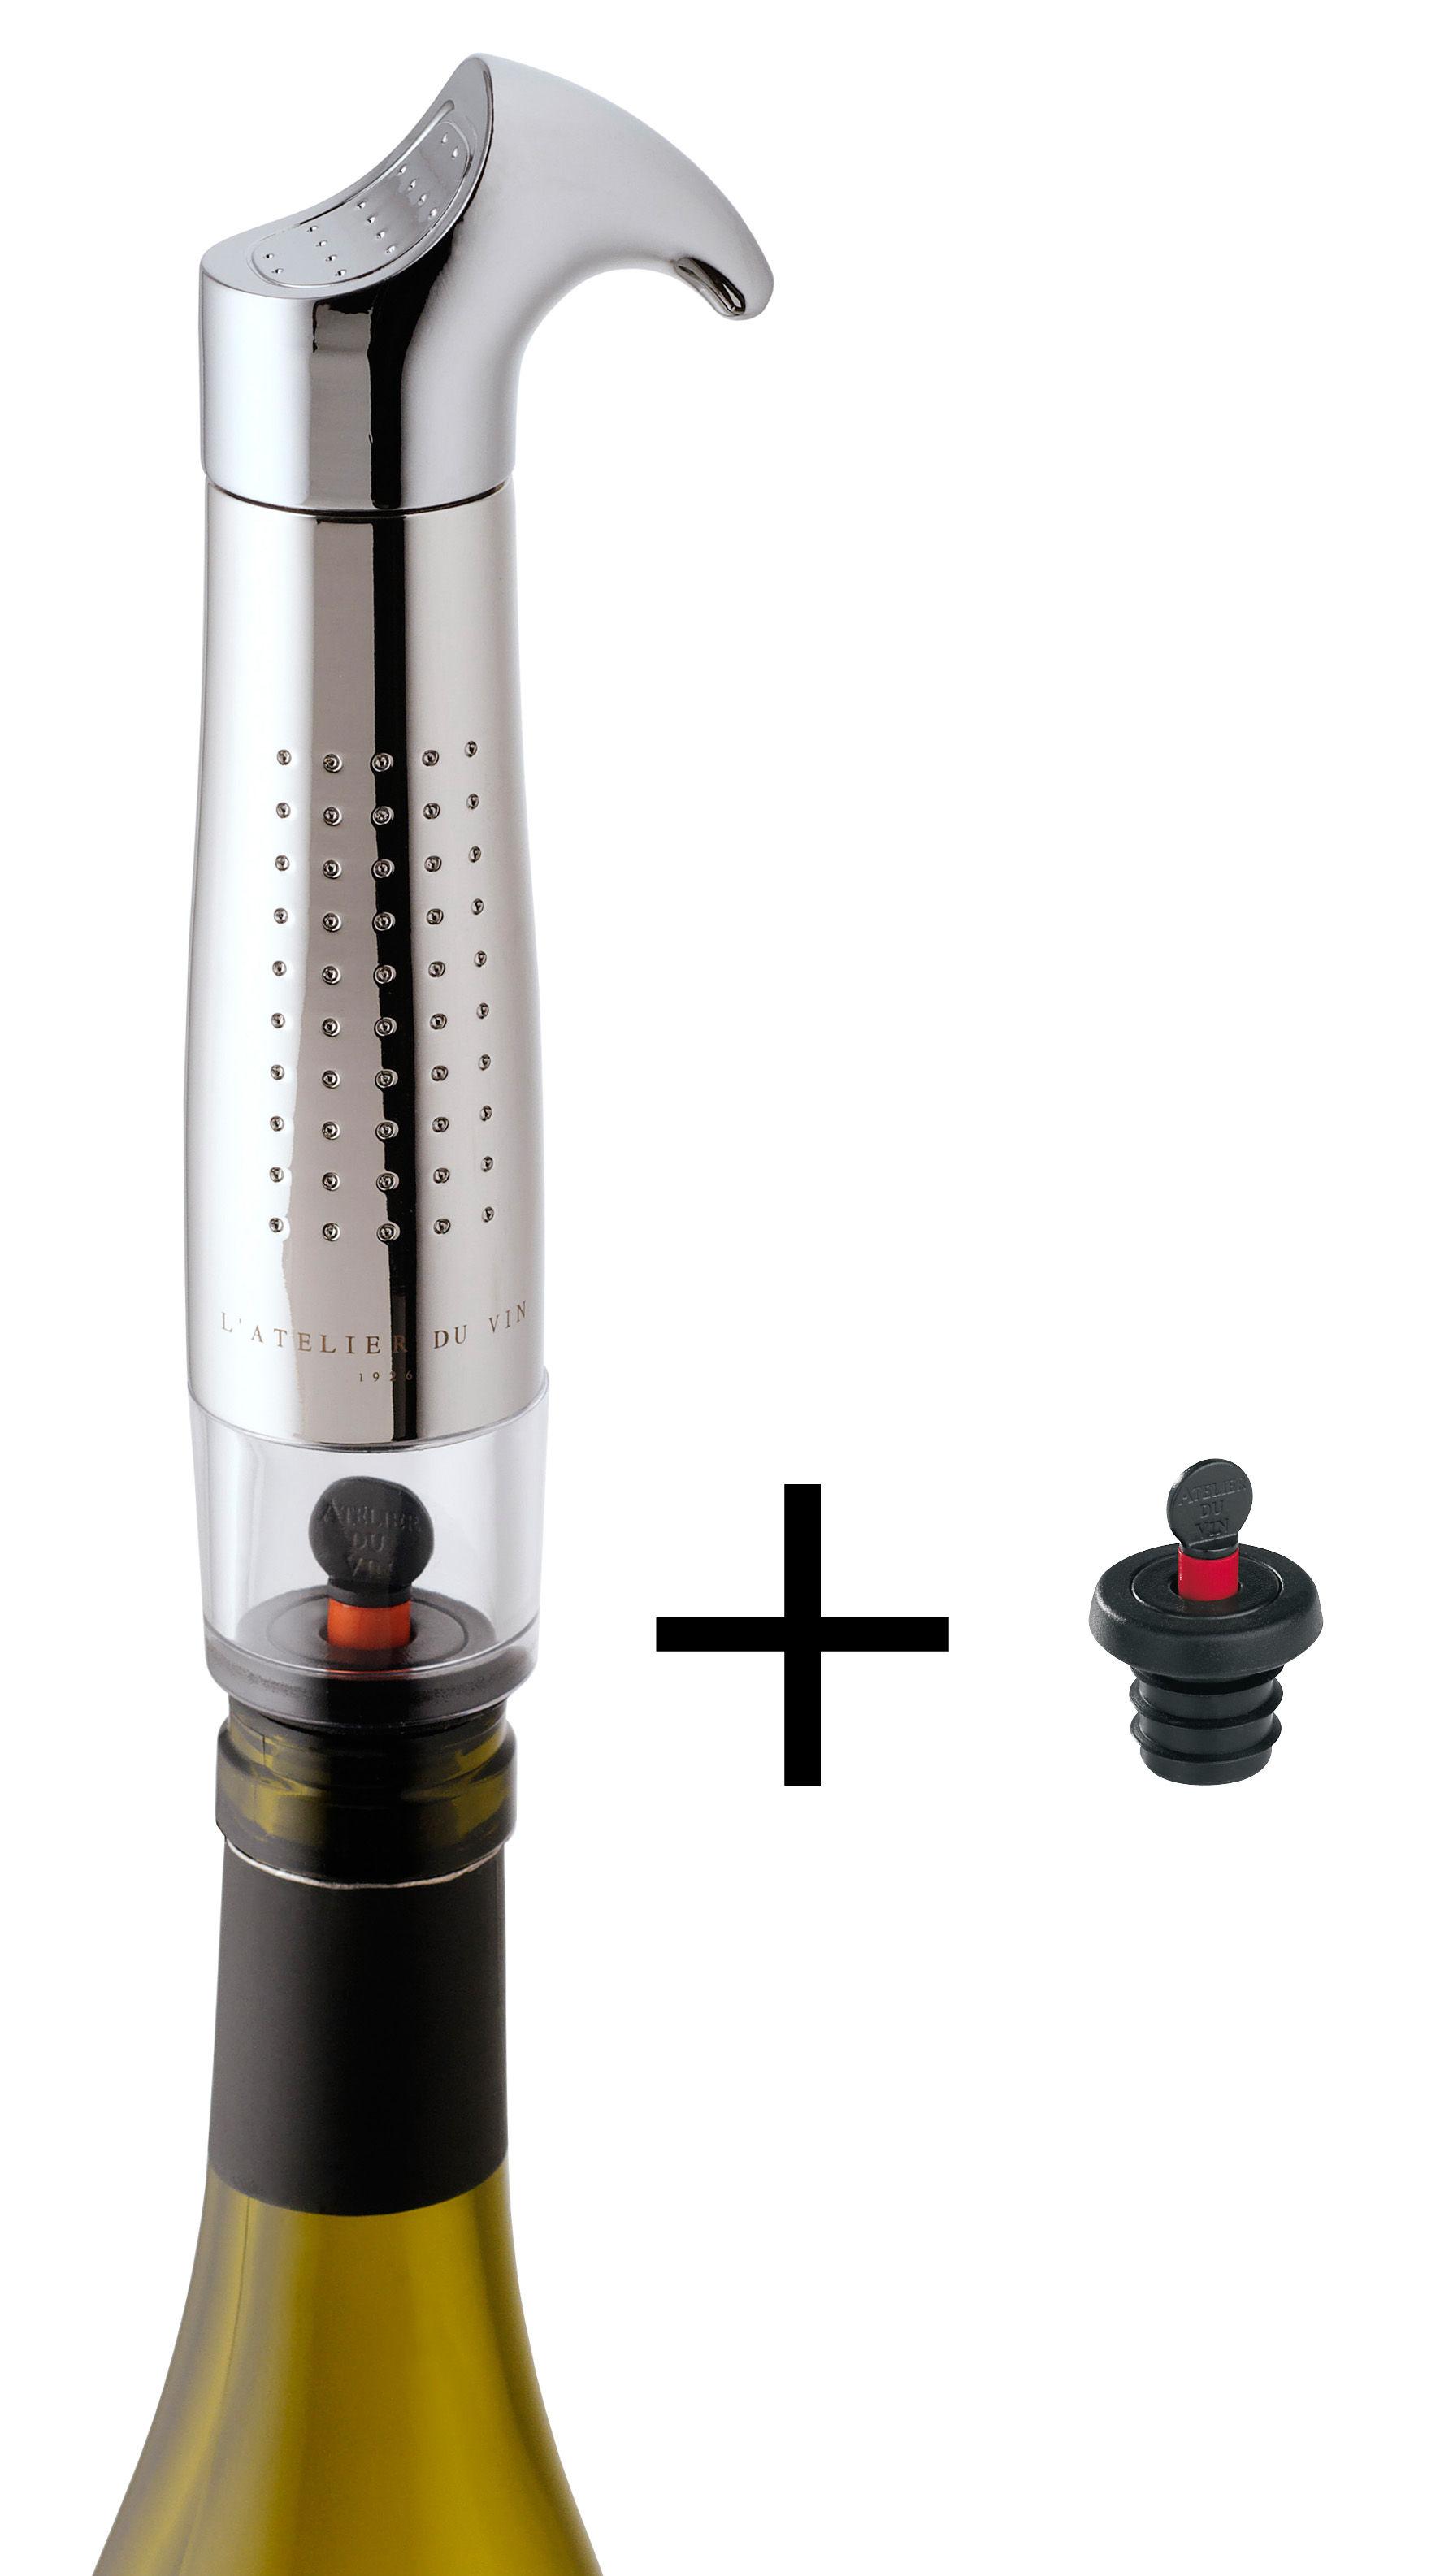 Tavola - Bar, Vino, Aperitivo - Pompetta con segnale di vuoto Gard'vin On/Off Métal - set pompa aspira aria + 2 tappi ermetici di L'Atelier du Vin - Metallo - Metallo, PVC